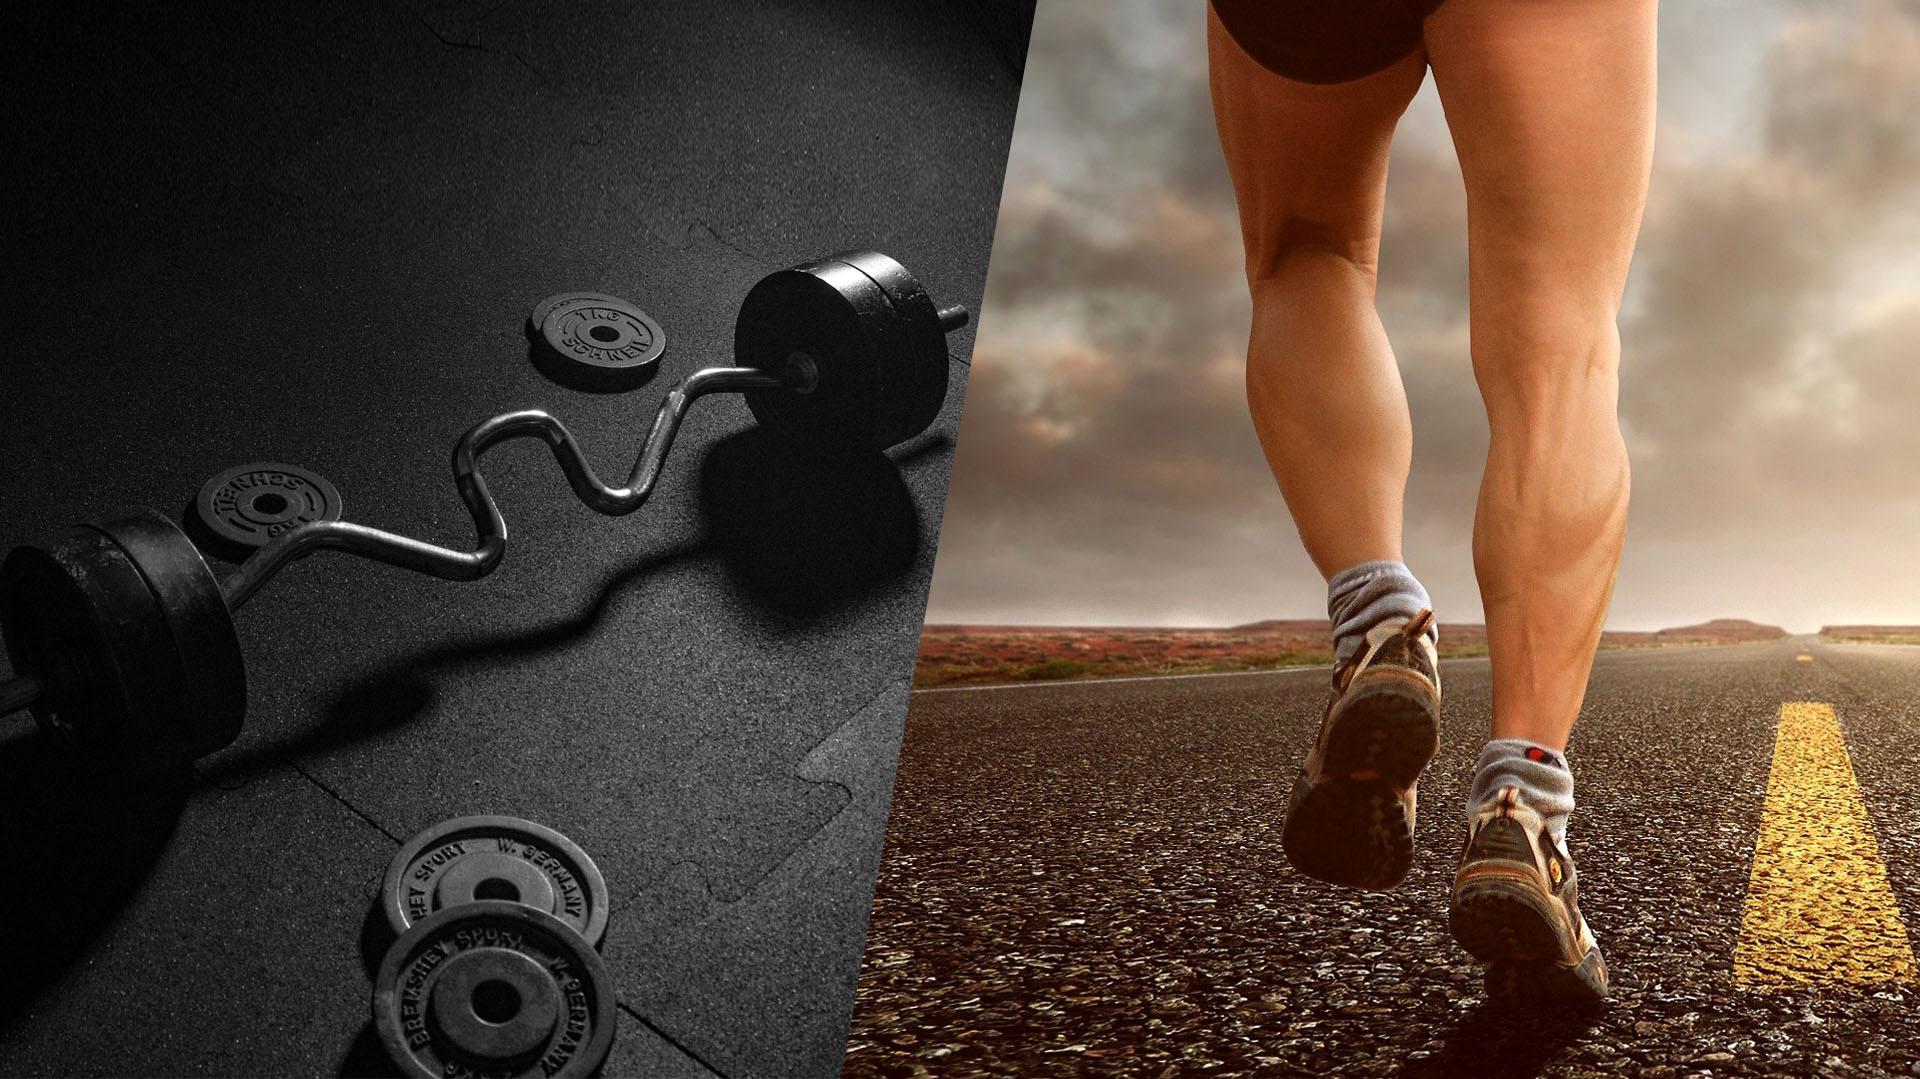 Posilovna a běh - jak správně kombinovat?